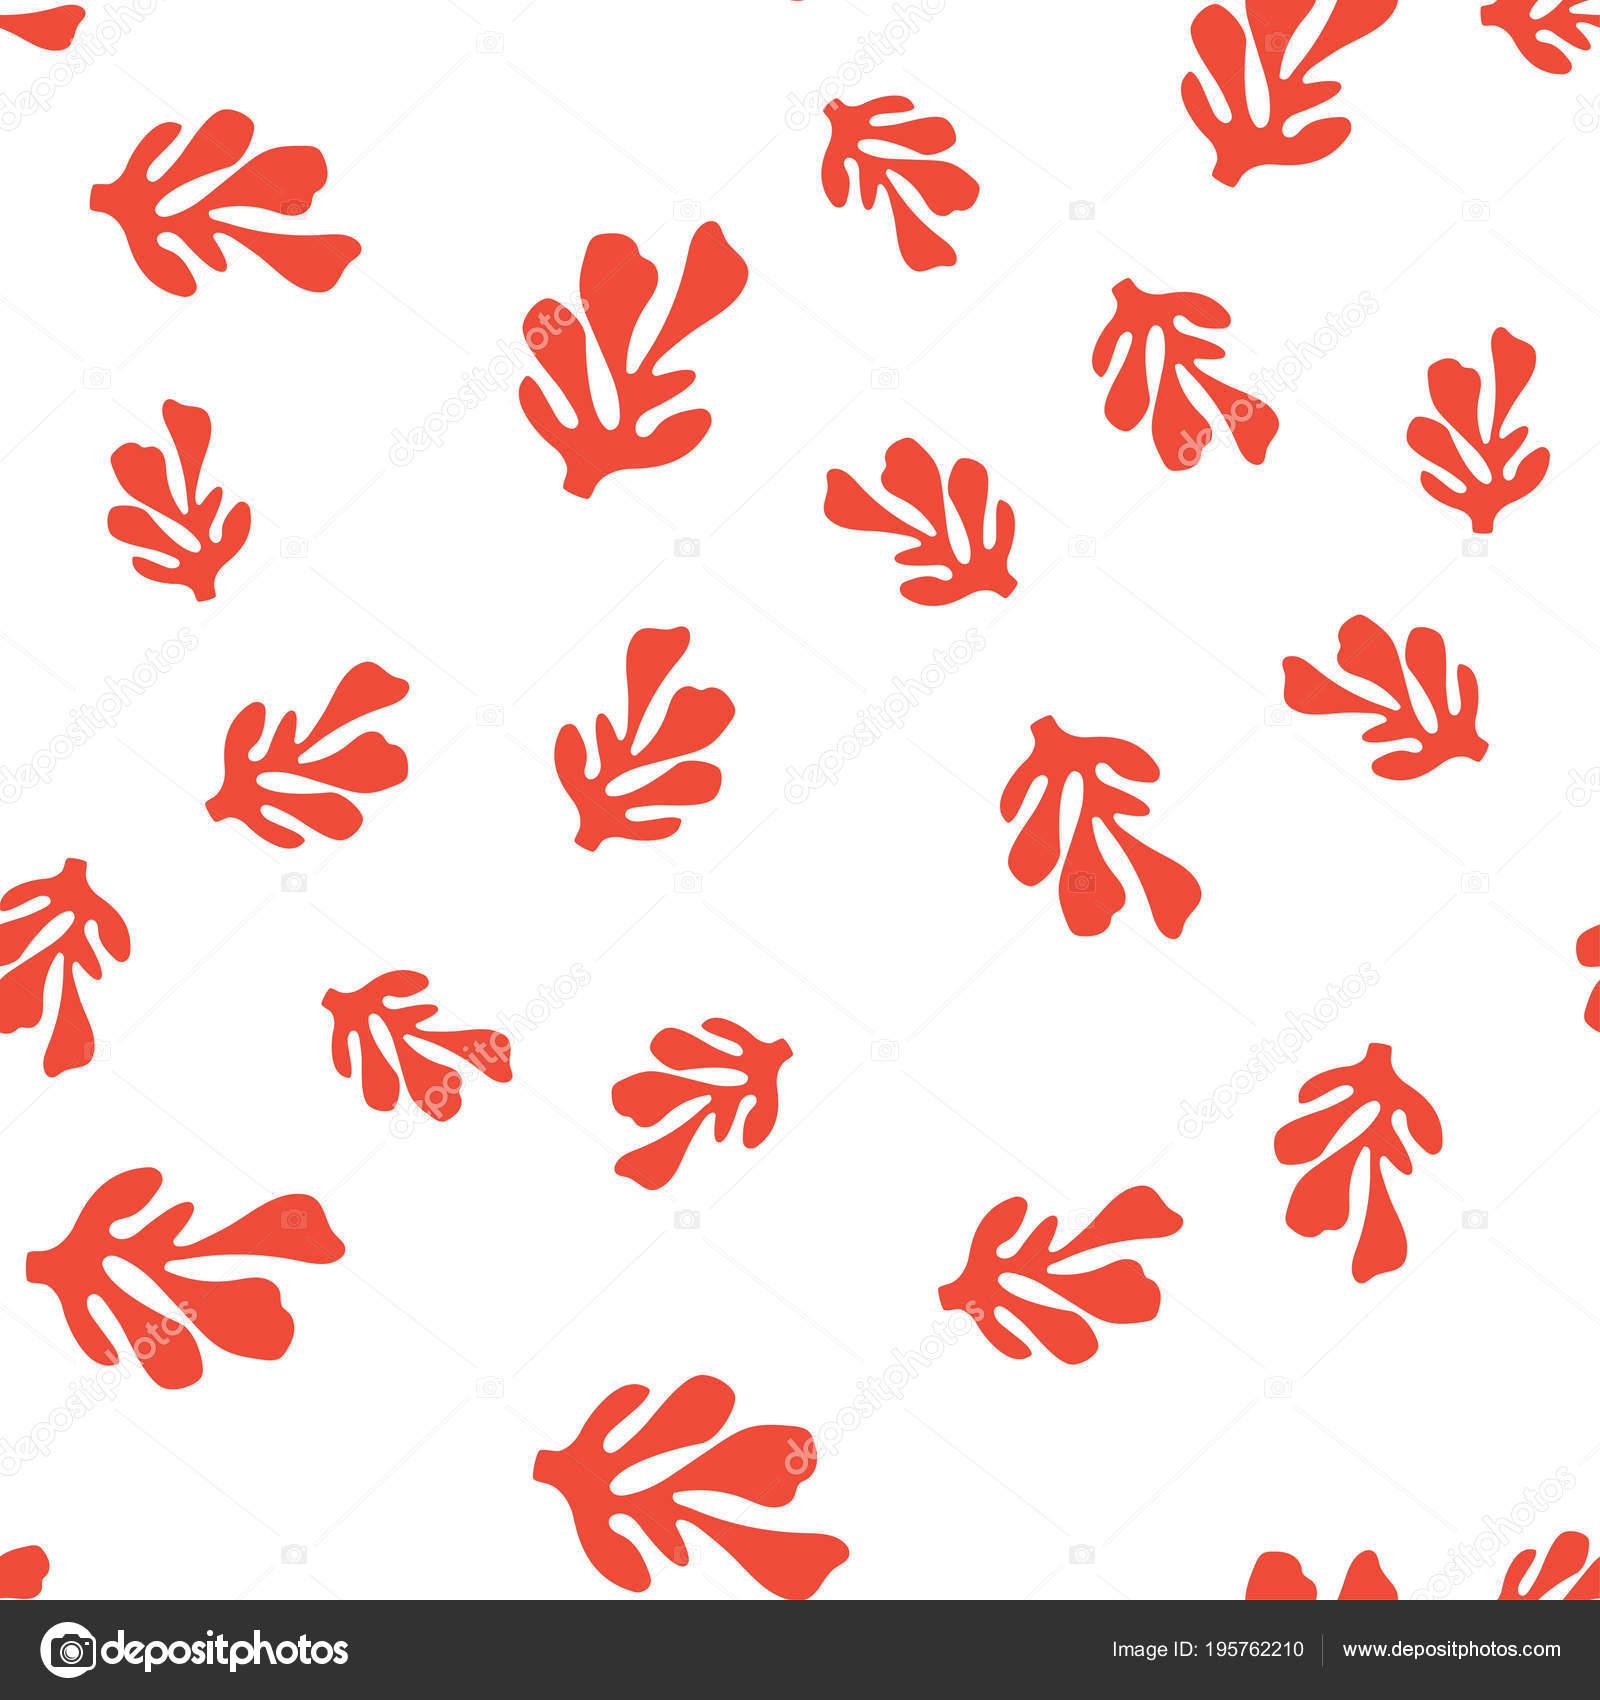 Vzorek Cervenymi Koraly Tapety Kreslenymi Morske Rostliny Pozadi